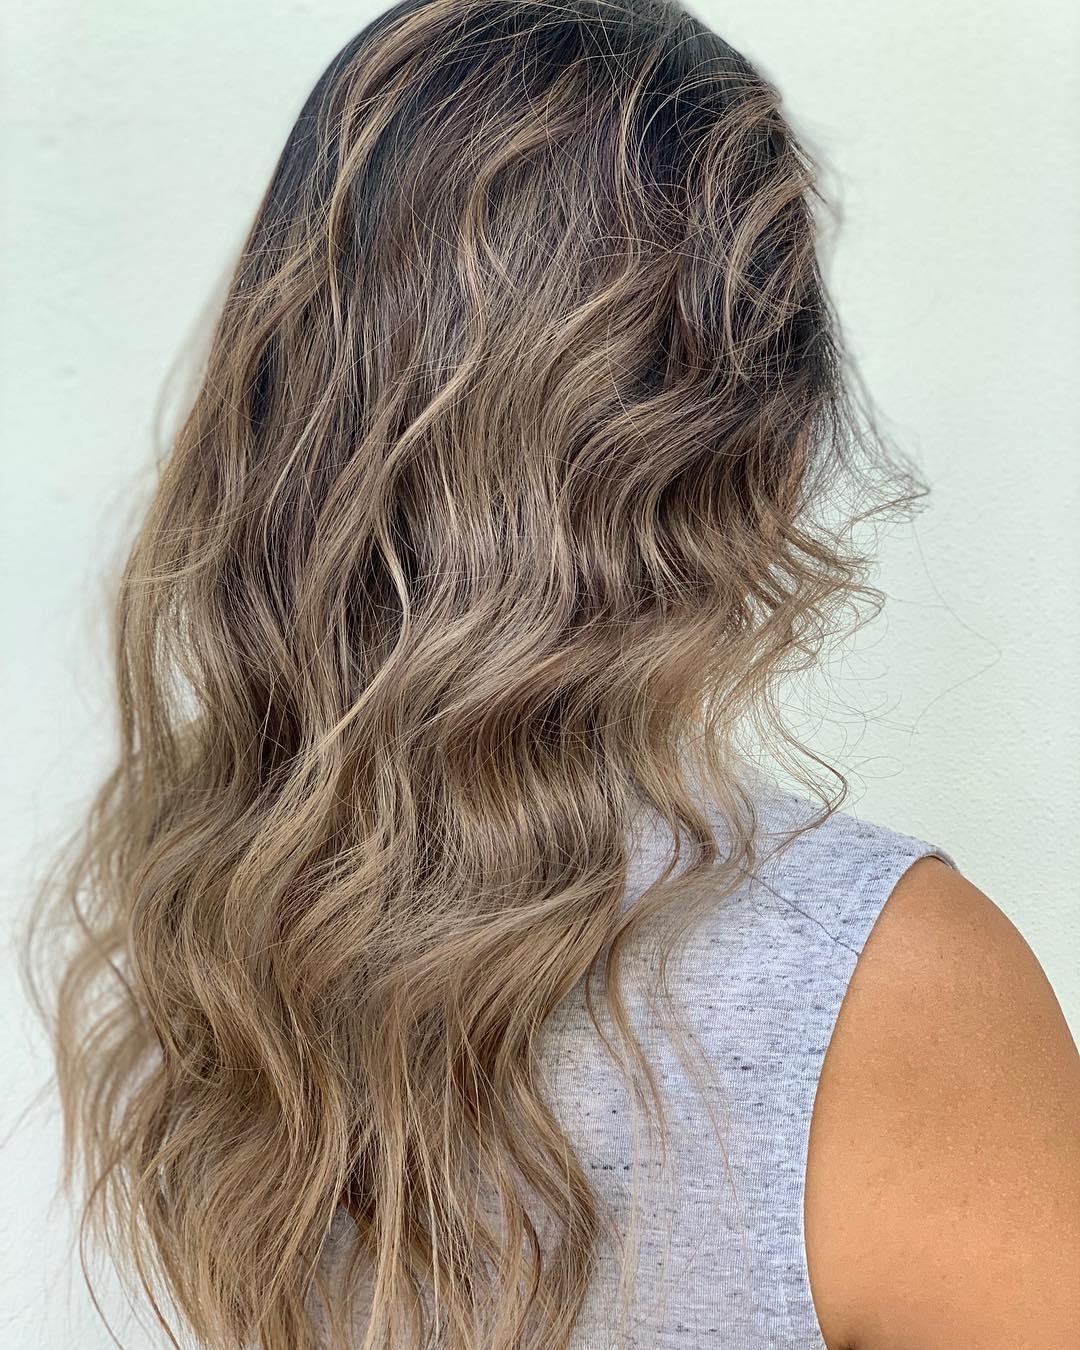 Eblouissant sur cheveux décolorés